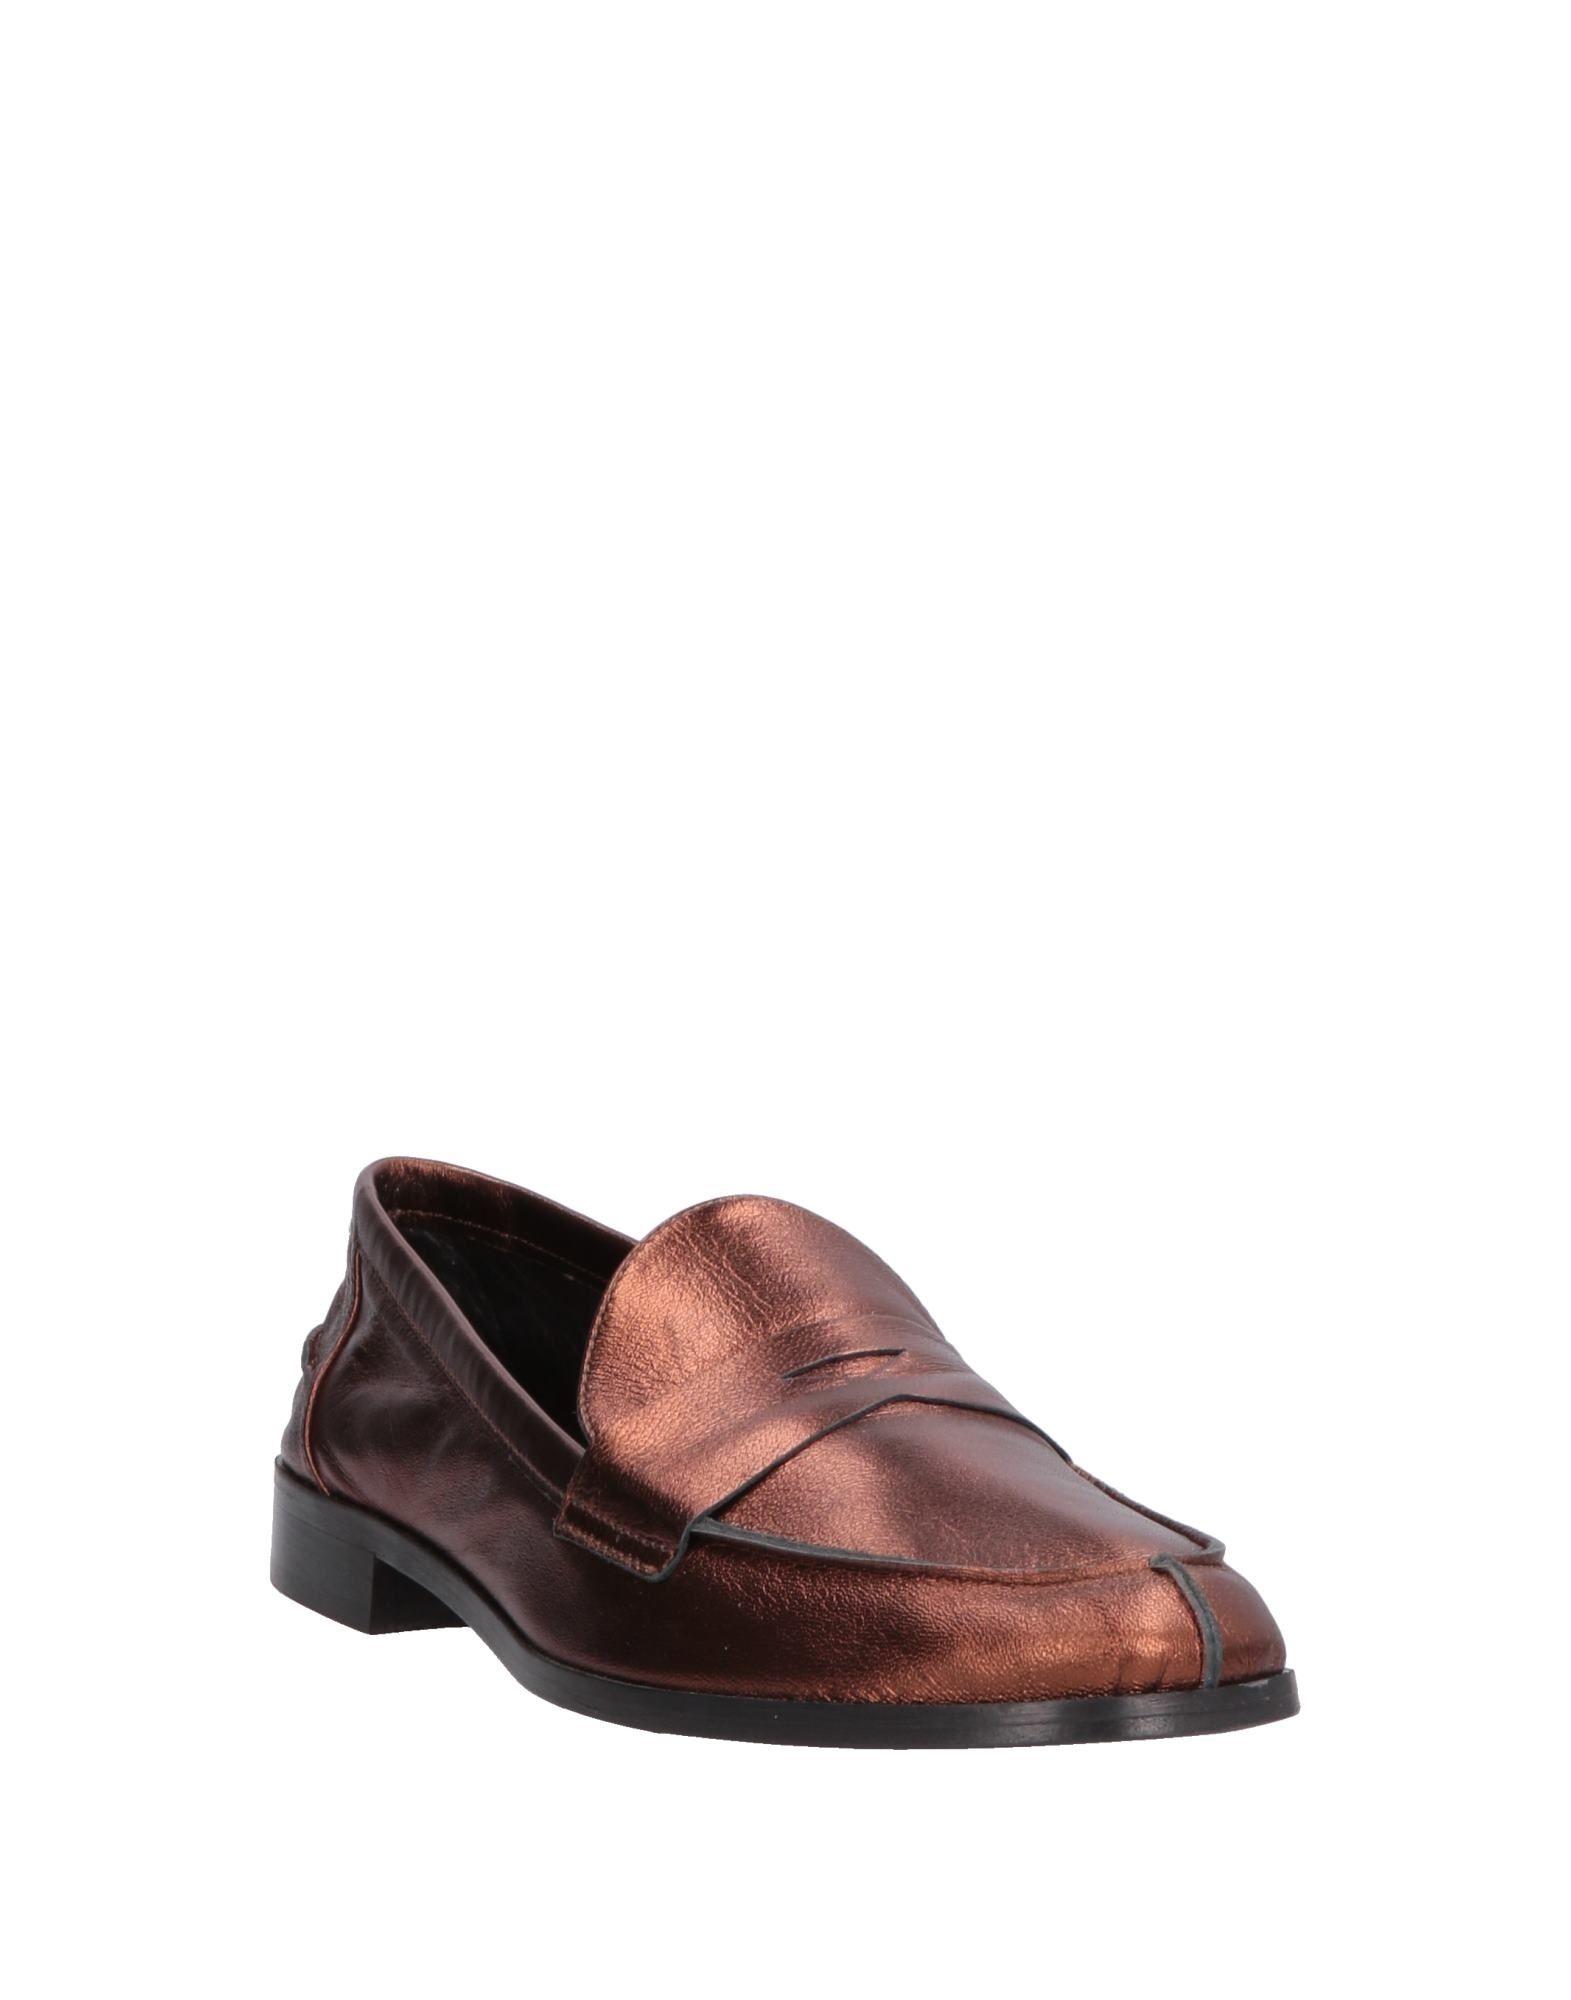 Stilvolle Mokassins billige Schuhe Avec Modération Mokassins Stilvolle Damen  11382999KX 239b4a